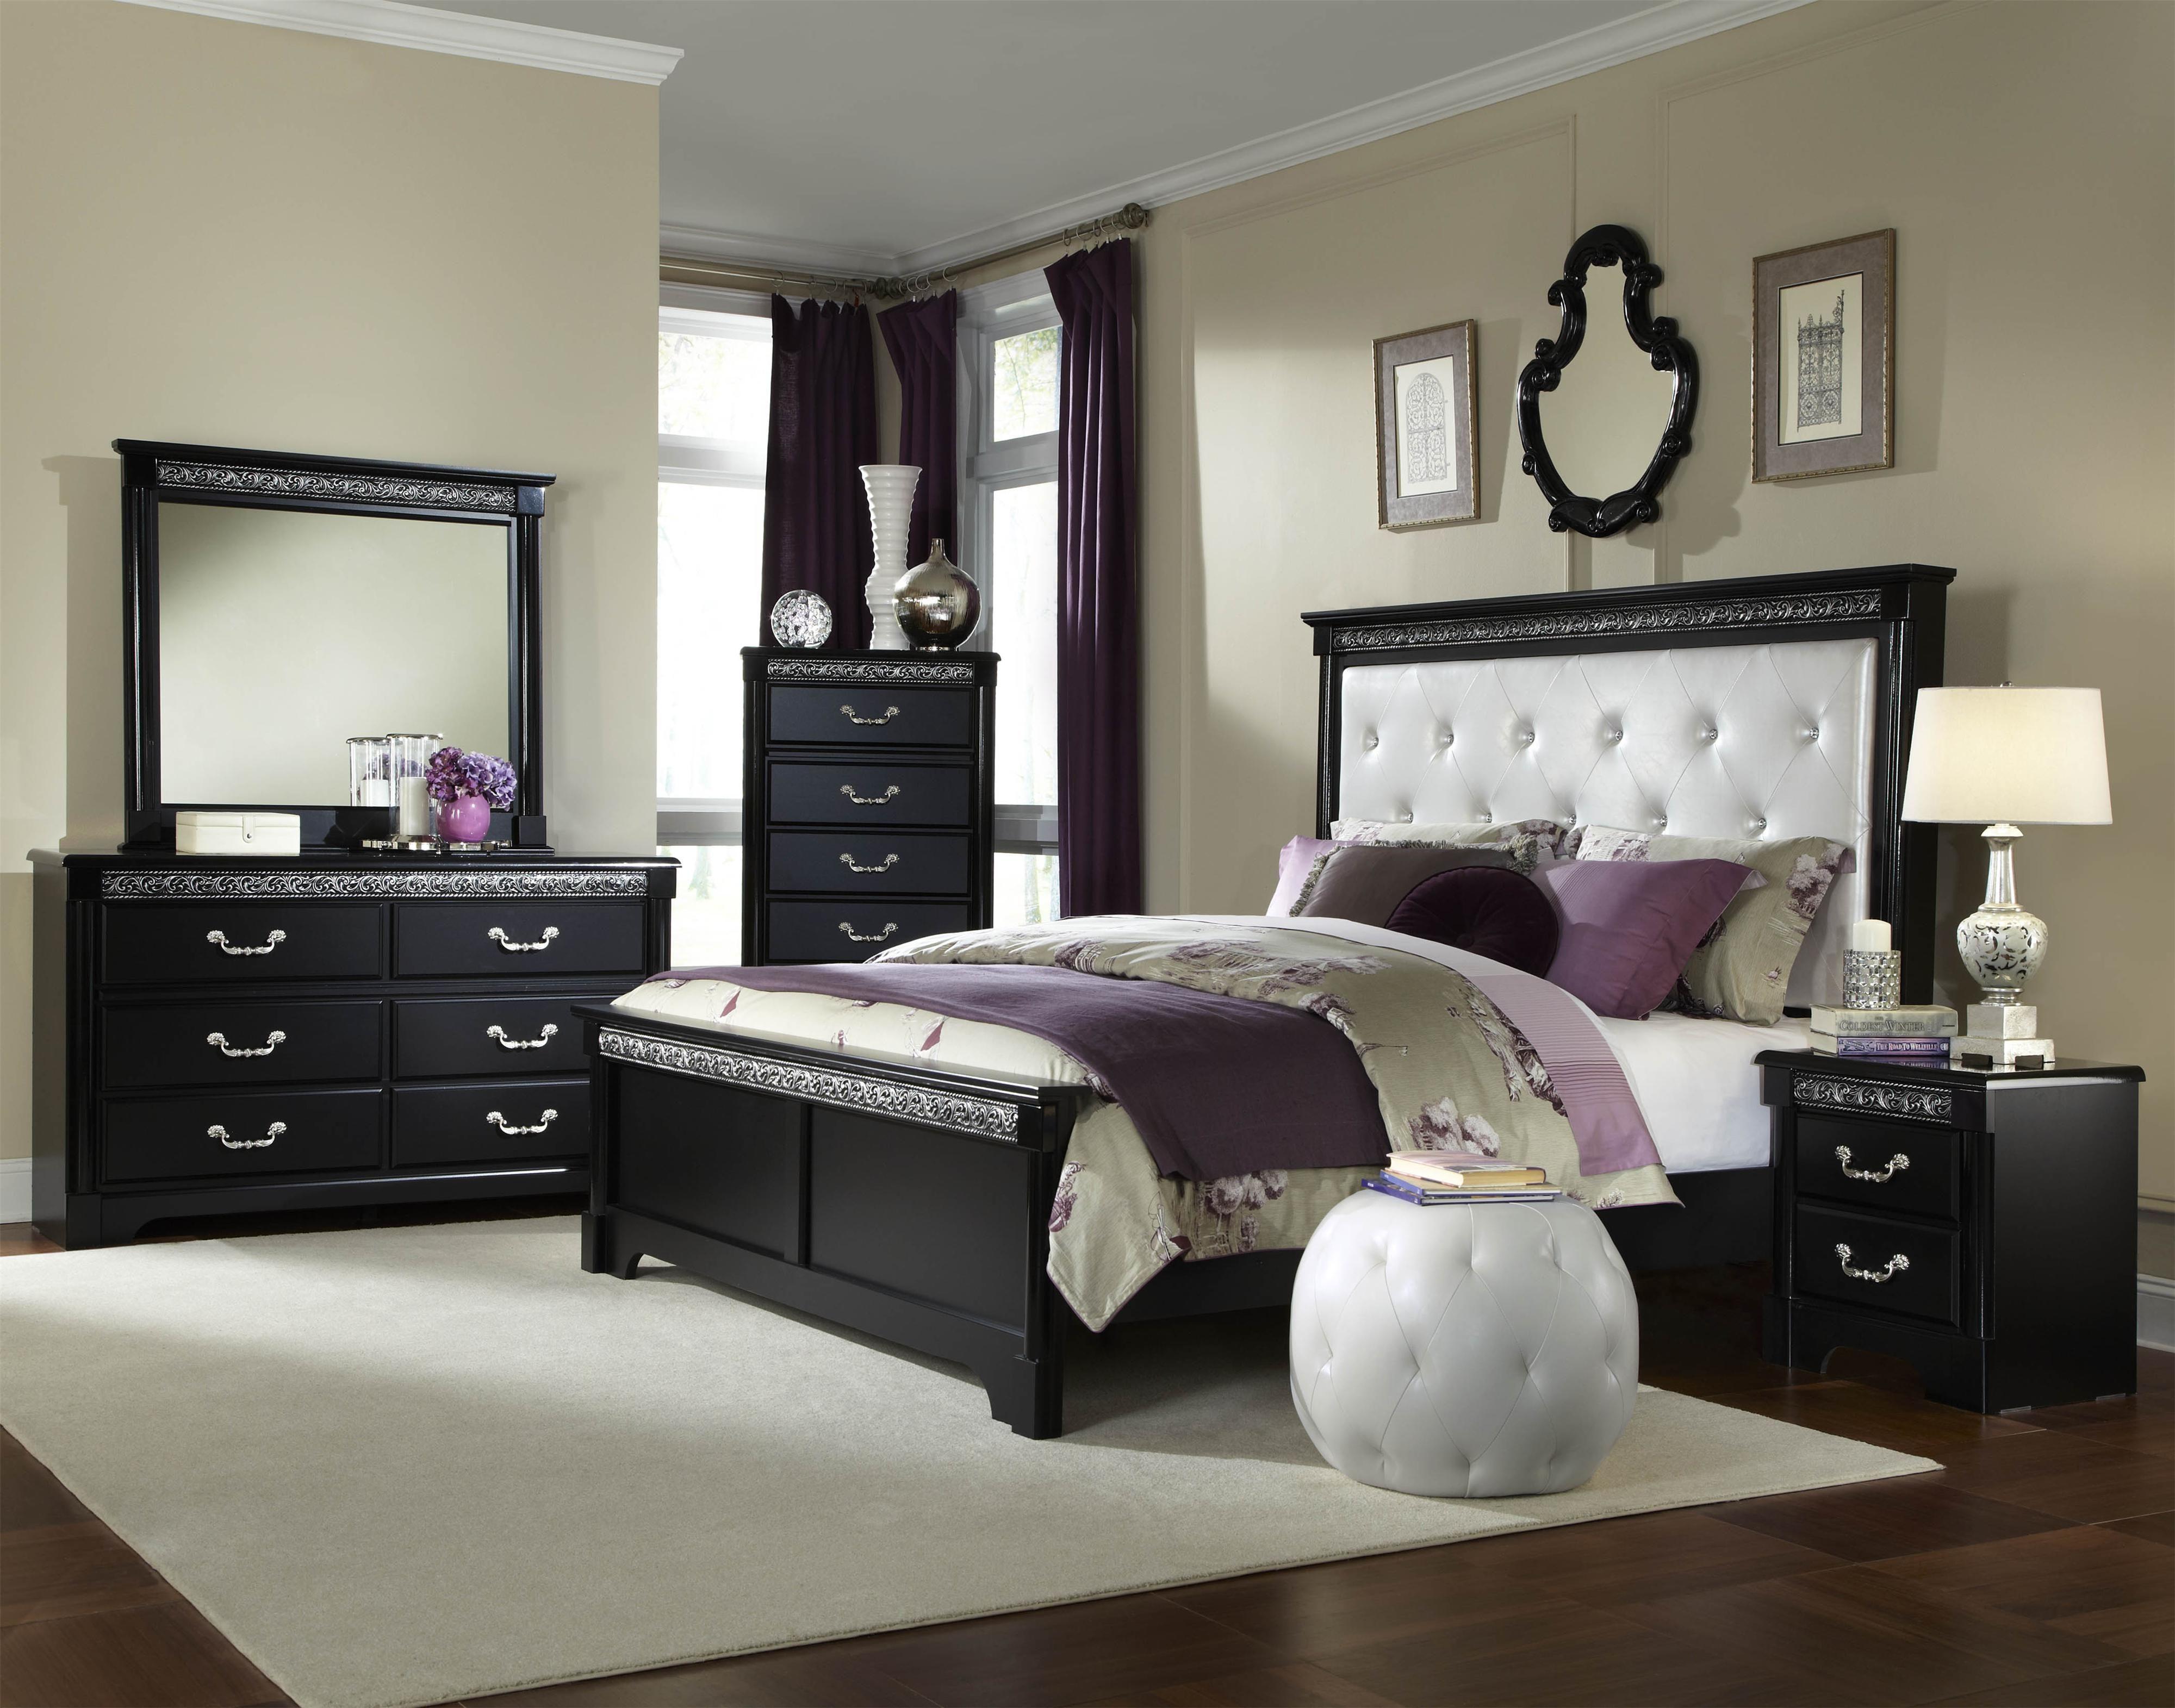 Venetian Queen Bedroom Groupstandard Furniture  Colder's Fascinating Black Queen Bedroom Sets Decorating Design